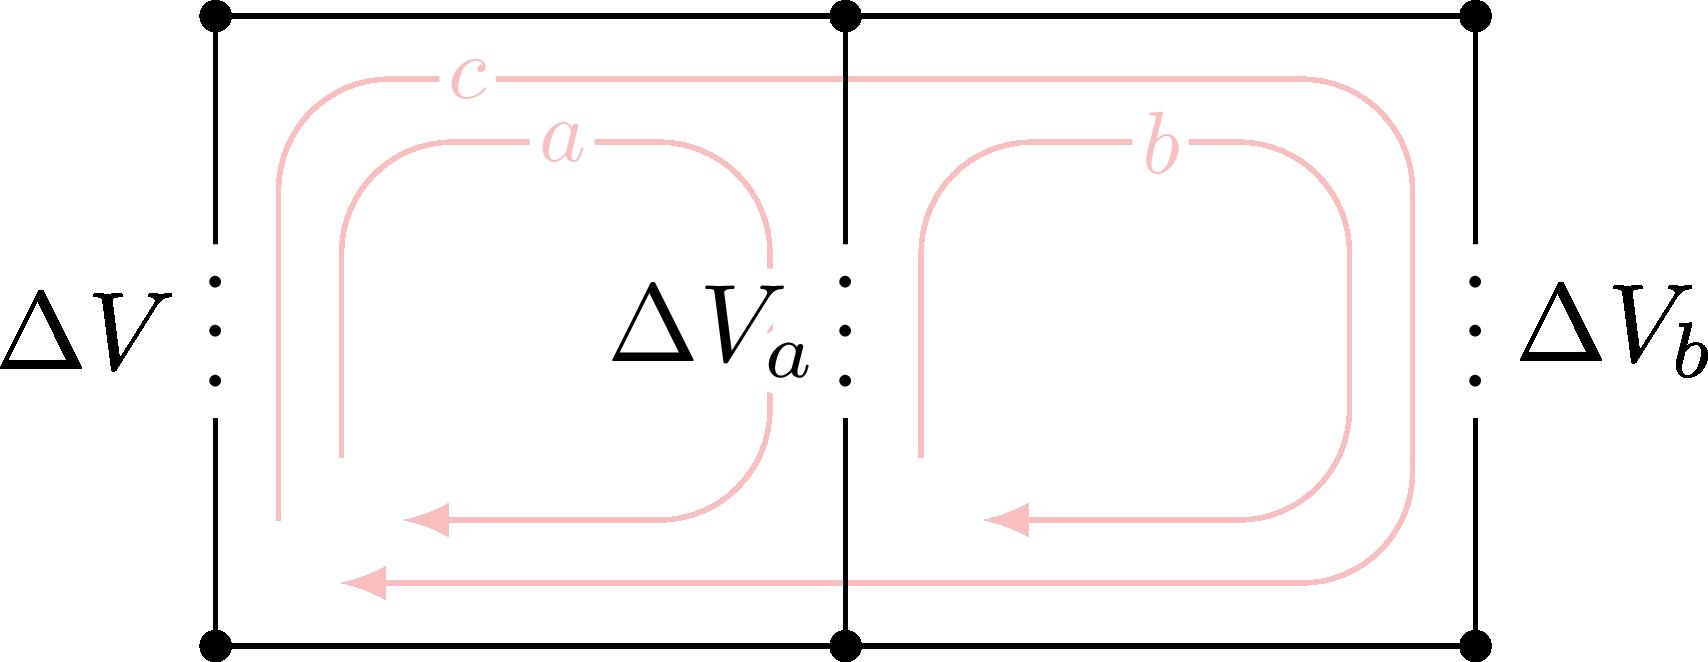 electric_circuit_resistor-007.png